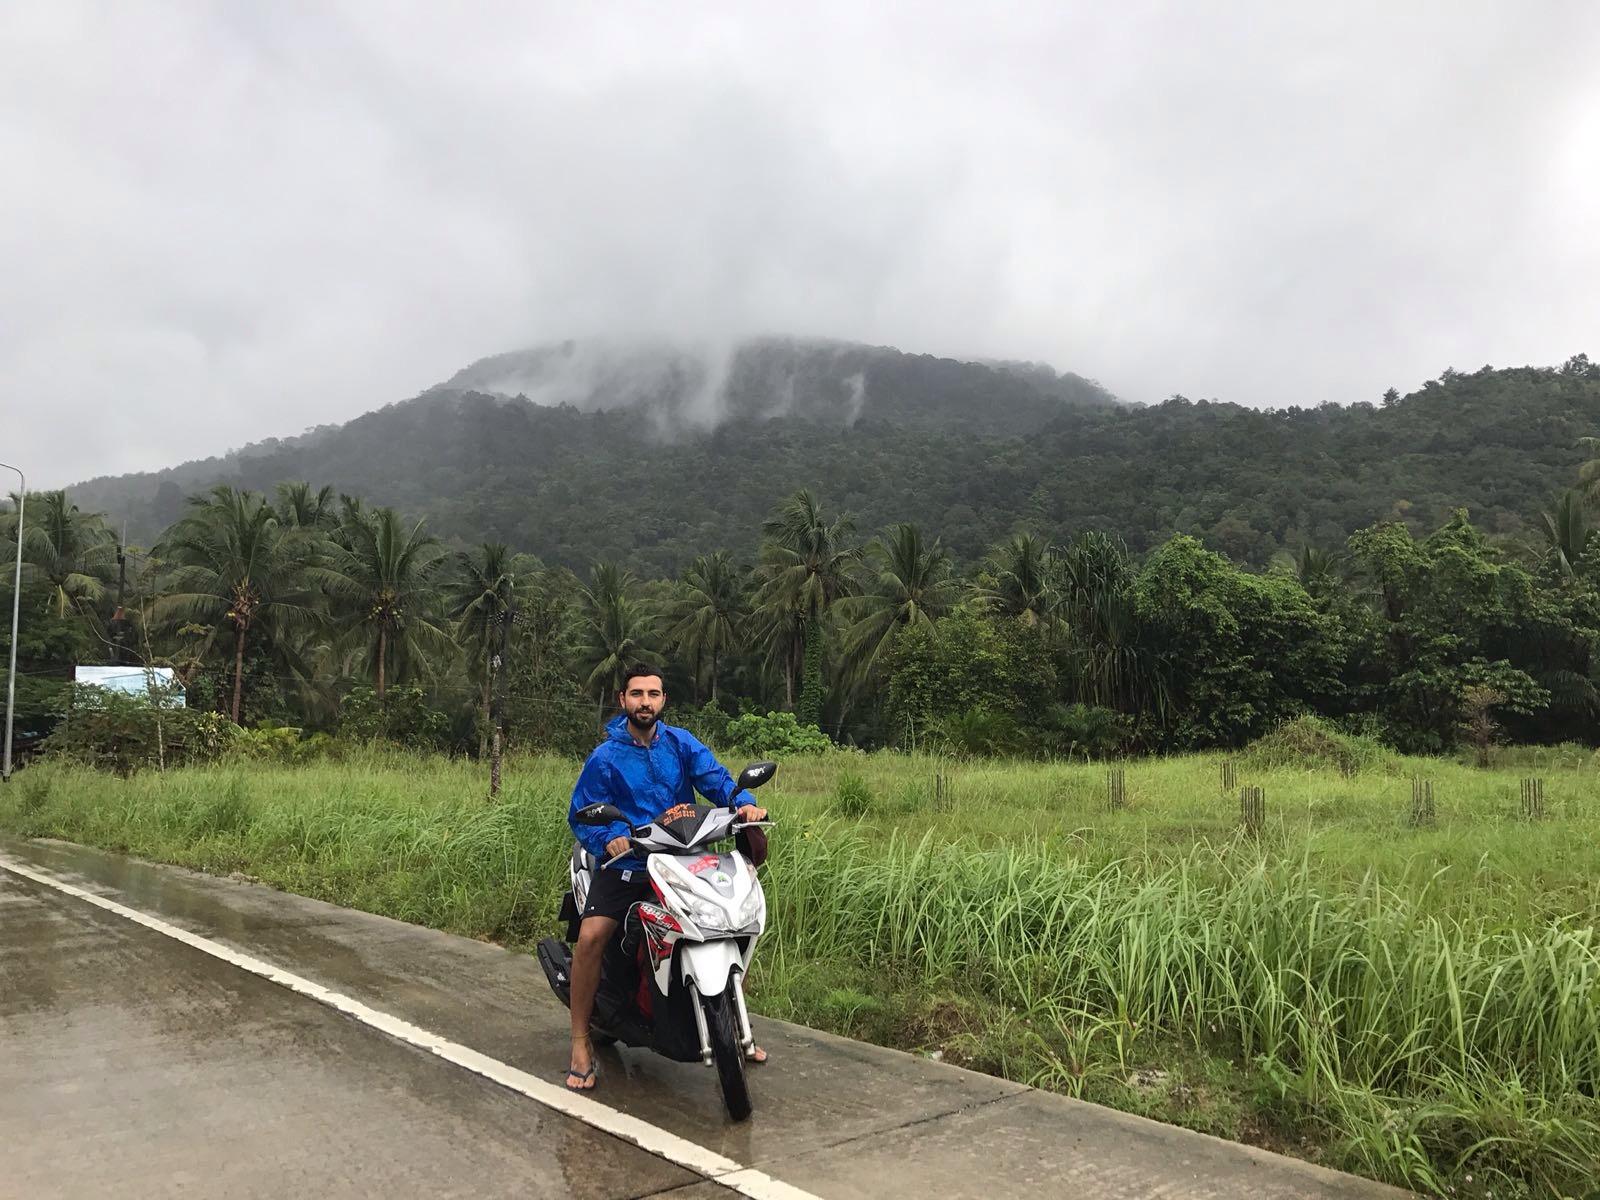 Dünya Turu Uyanış Yolculuğu / Motorsiklet Günlükleri